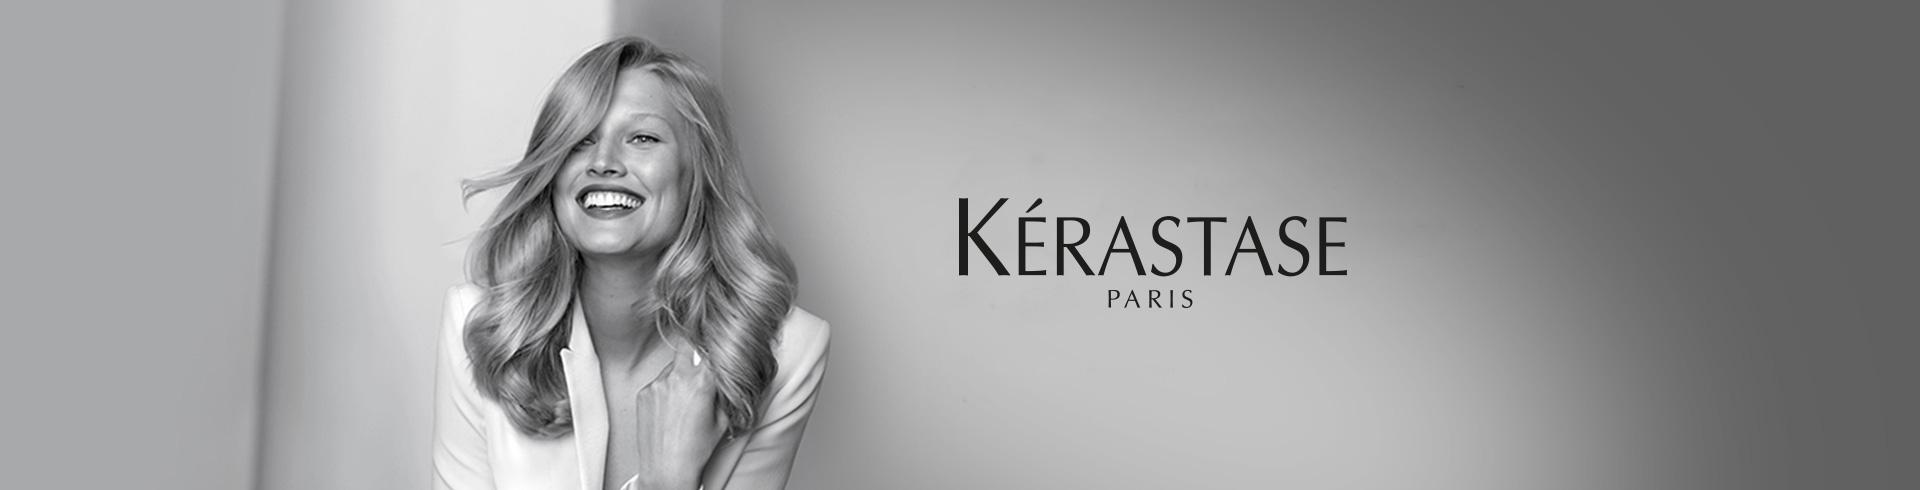 Προϊόντα περιποίησης μαλλιών Kérastase